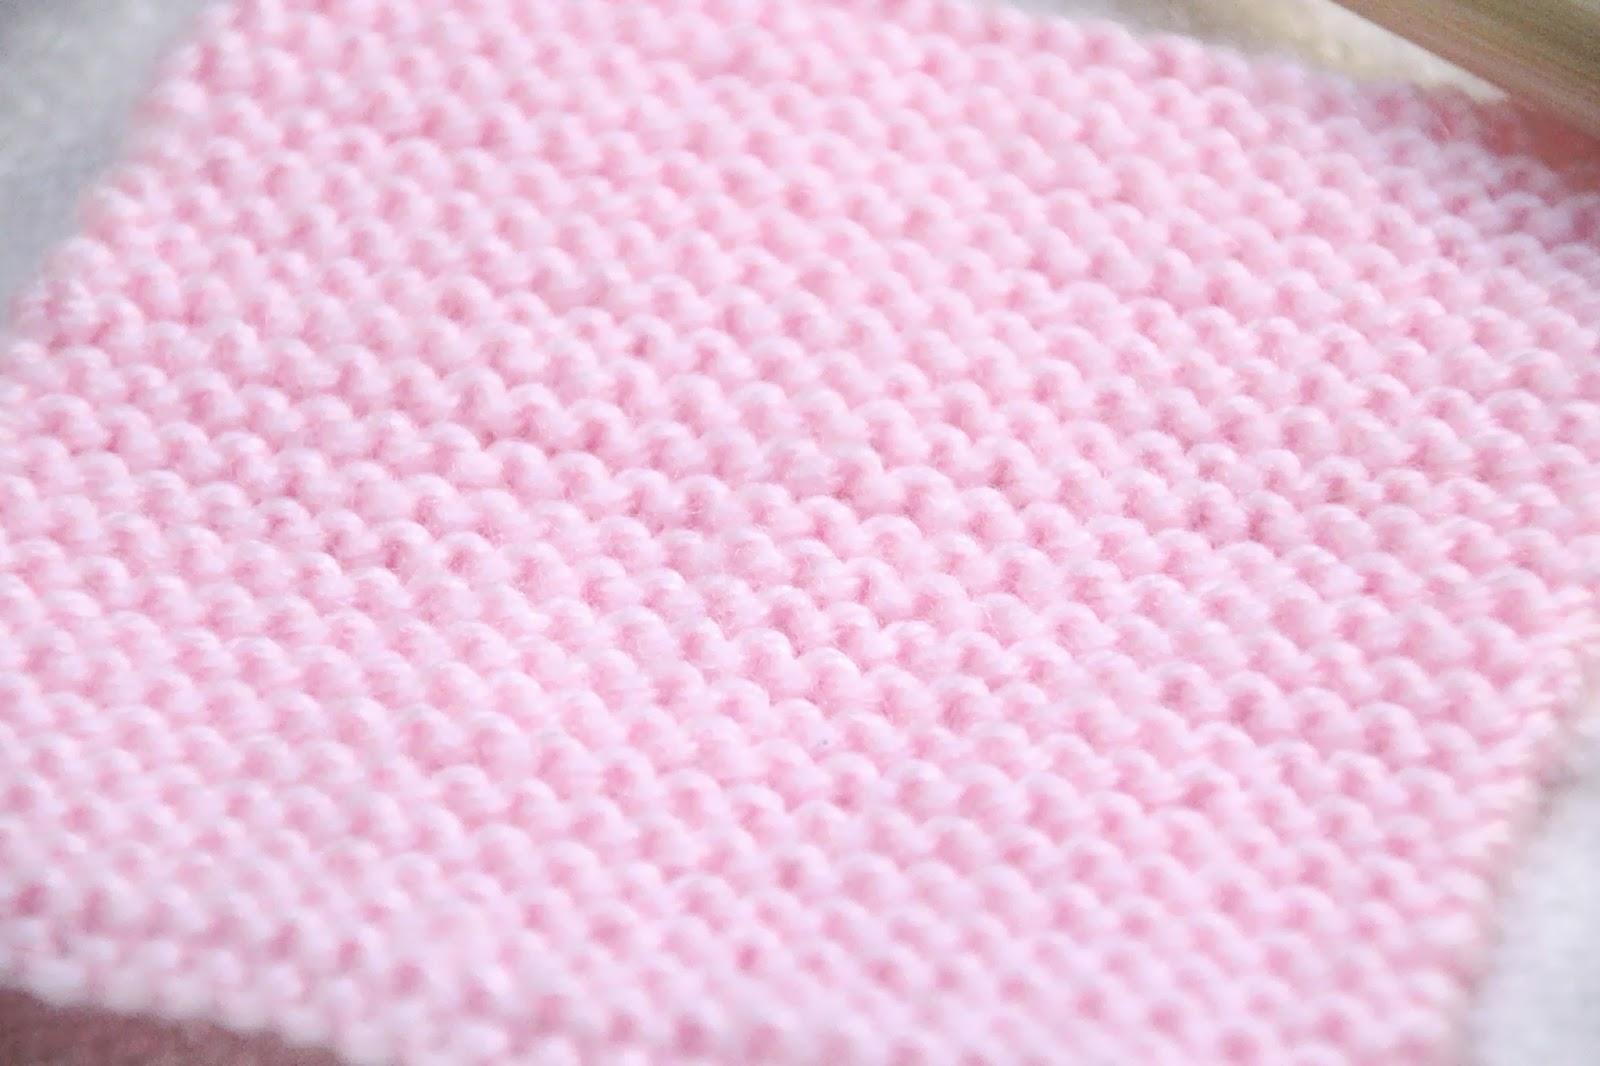 Maquina de coser buscar como aprender a calcetar - Puntos para calcetar ...